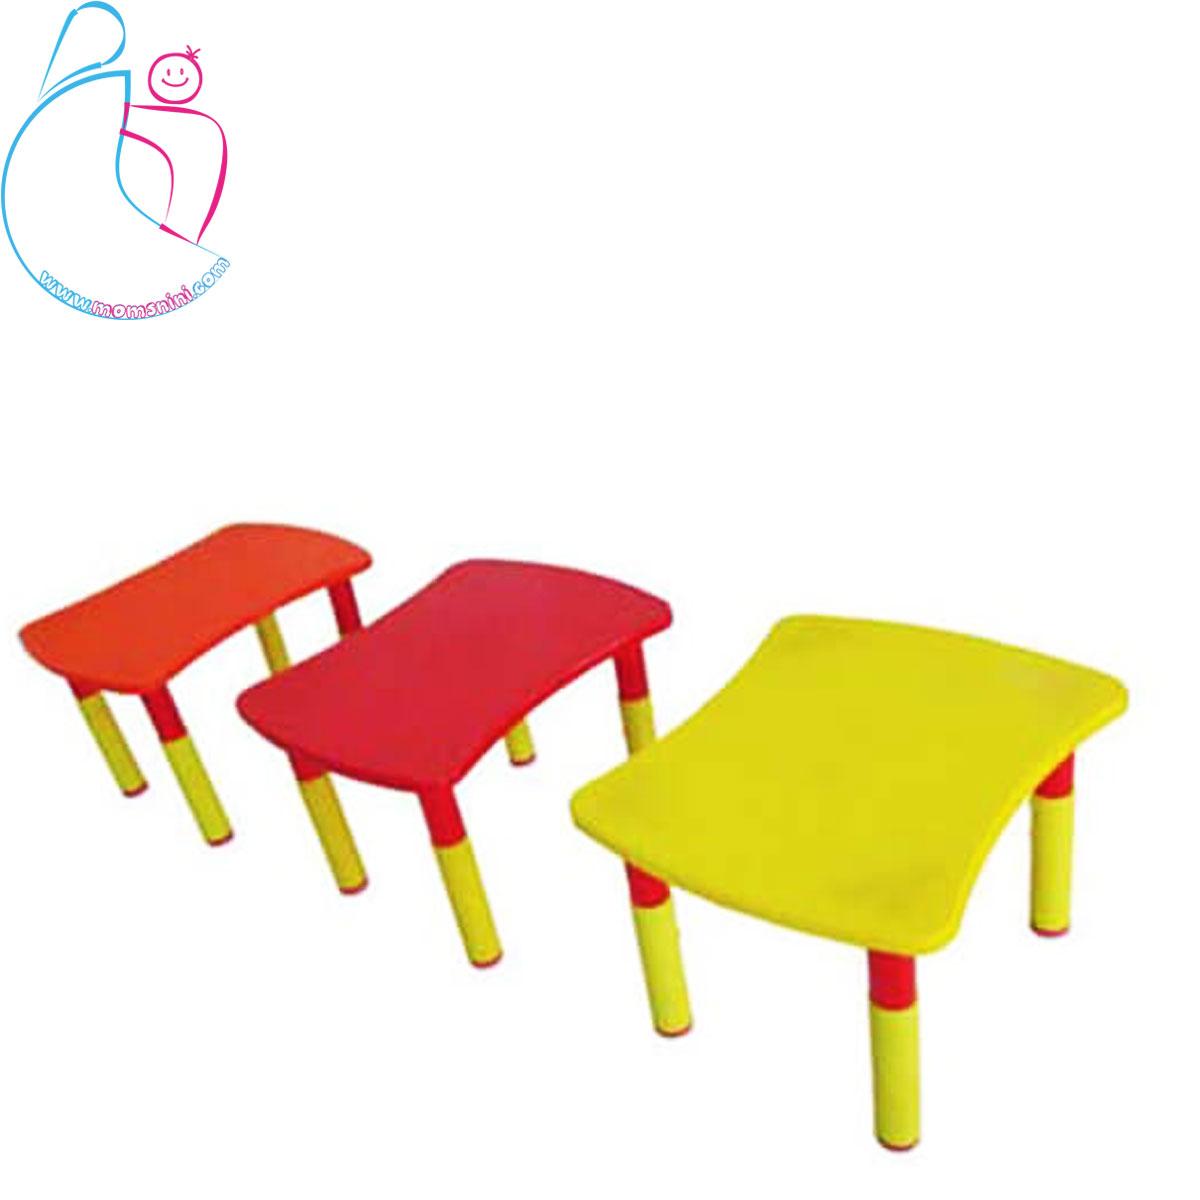 میز قابل تنظیم کودک مدل چند تکه